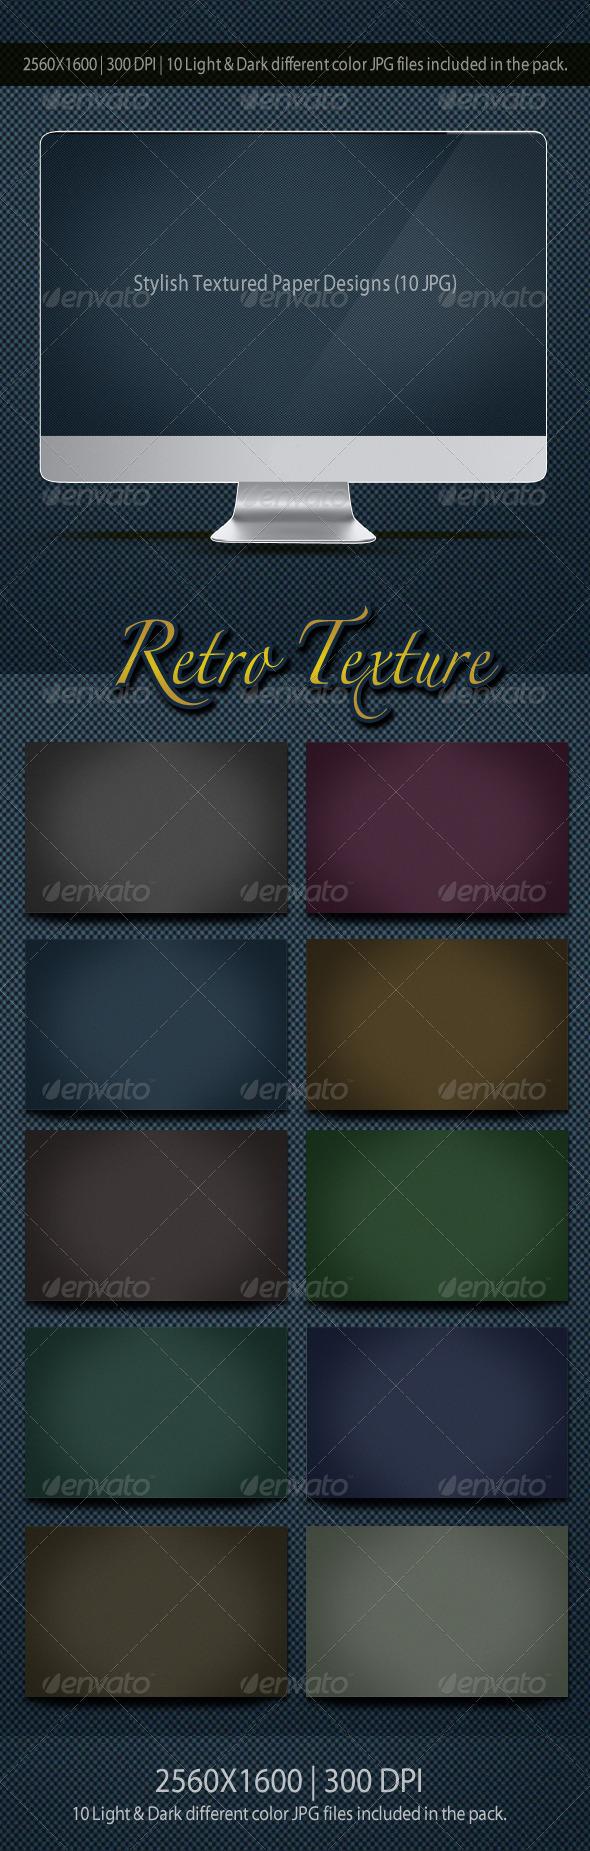 GraphicRiver Retro Texture Paper 3377898